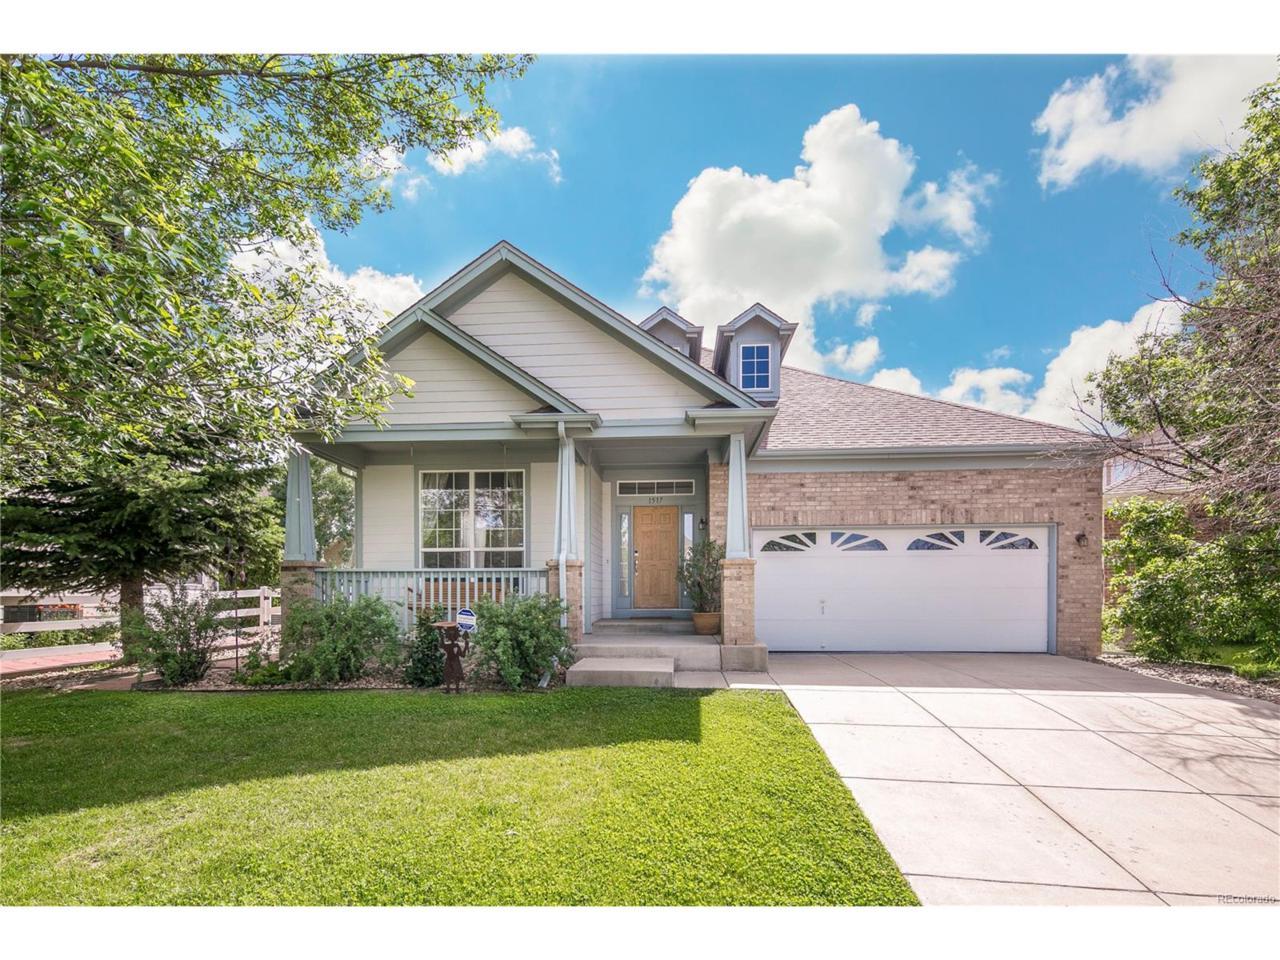 1517 Sicily Drive, Longmont, CO 80503 (MLS #3618062) :: 8z Real Estate